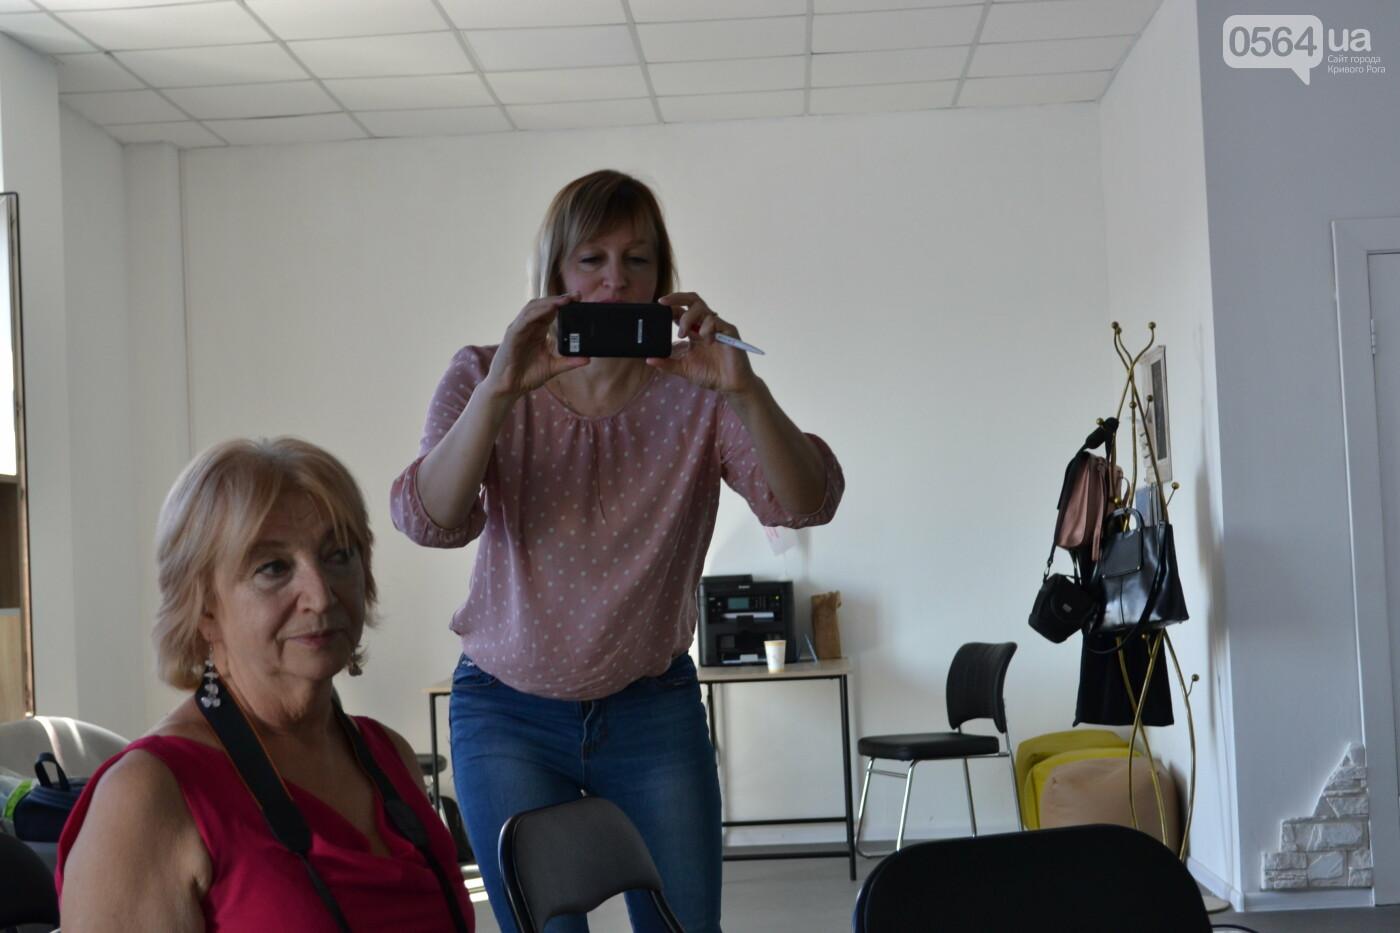 """В воскресенье в Кривом Роге состоится первый всеукраинский фестиваль deaf-талантов """"Без обмежень"""", - ФОТО, ВИДЕО, фото-3"""